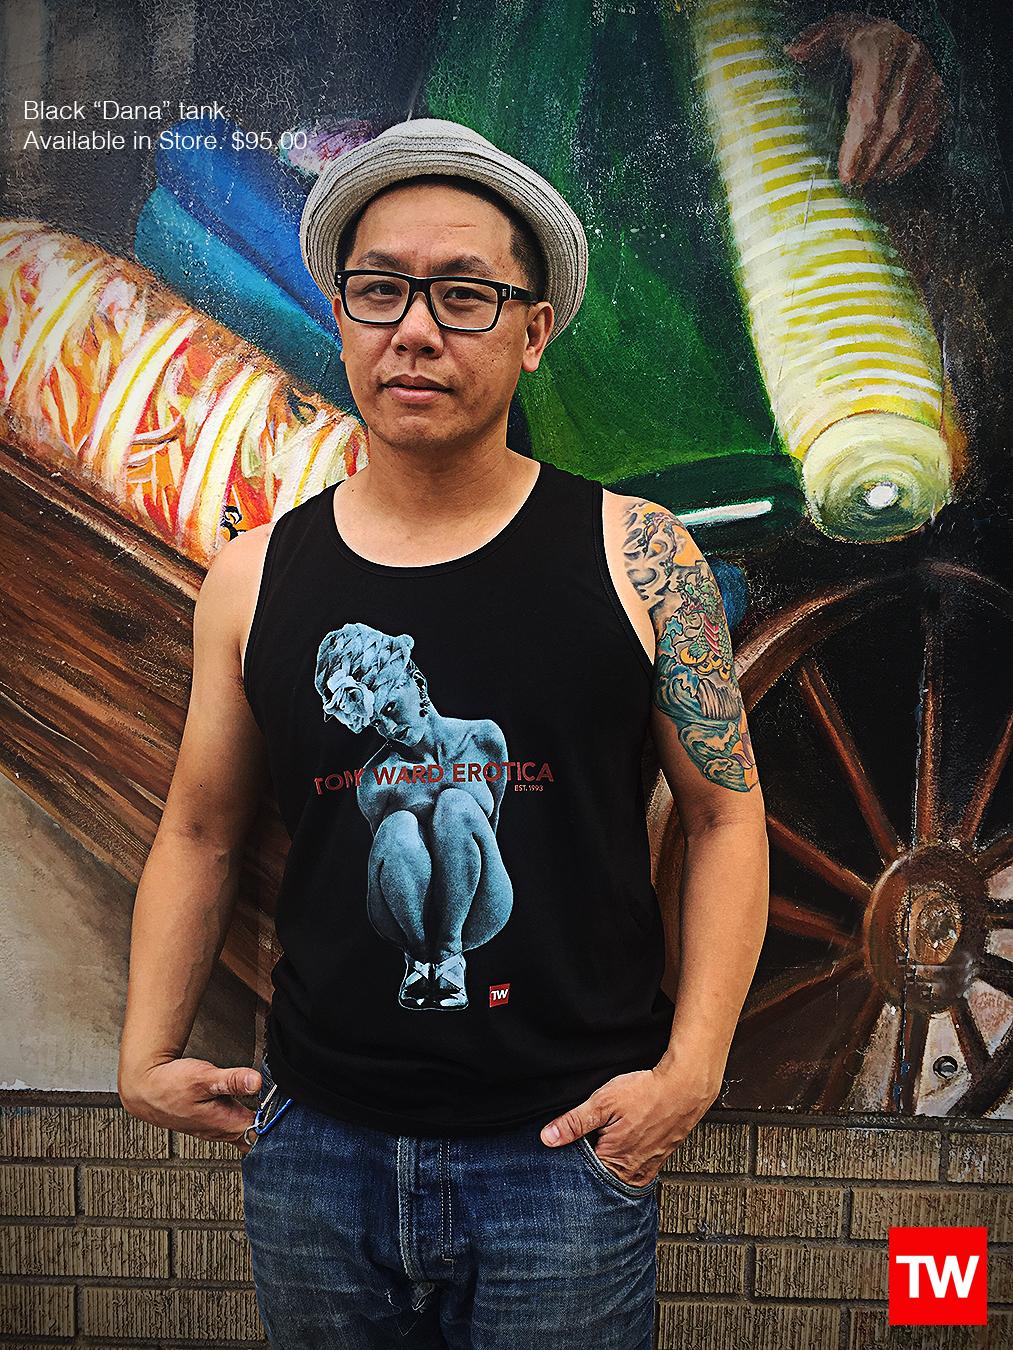 Tony_Ward_Studio_e_commerce_store_t-shirts_black_dana_tank_sale_model_Doug_Wong